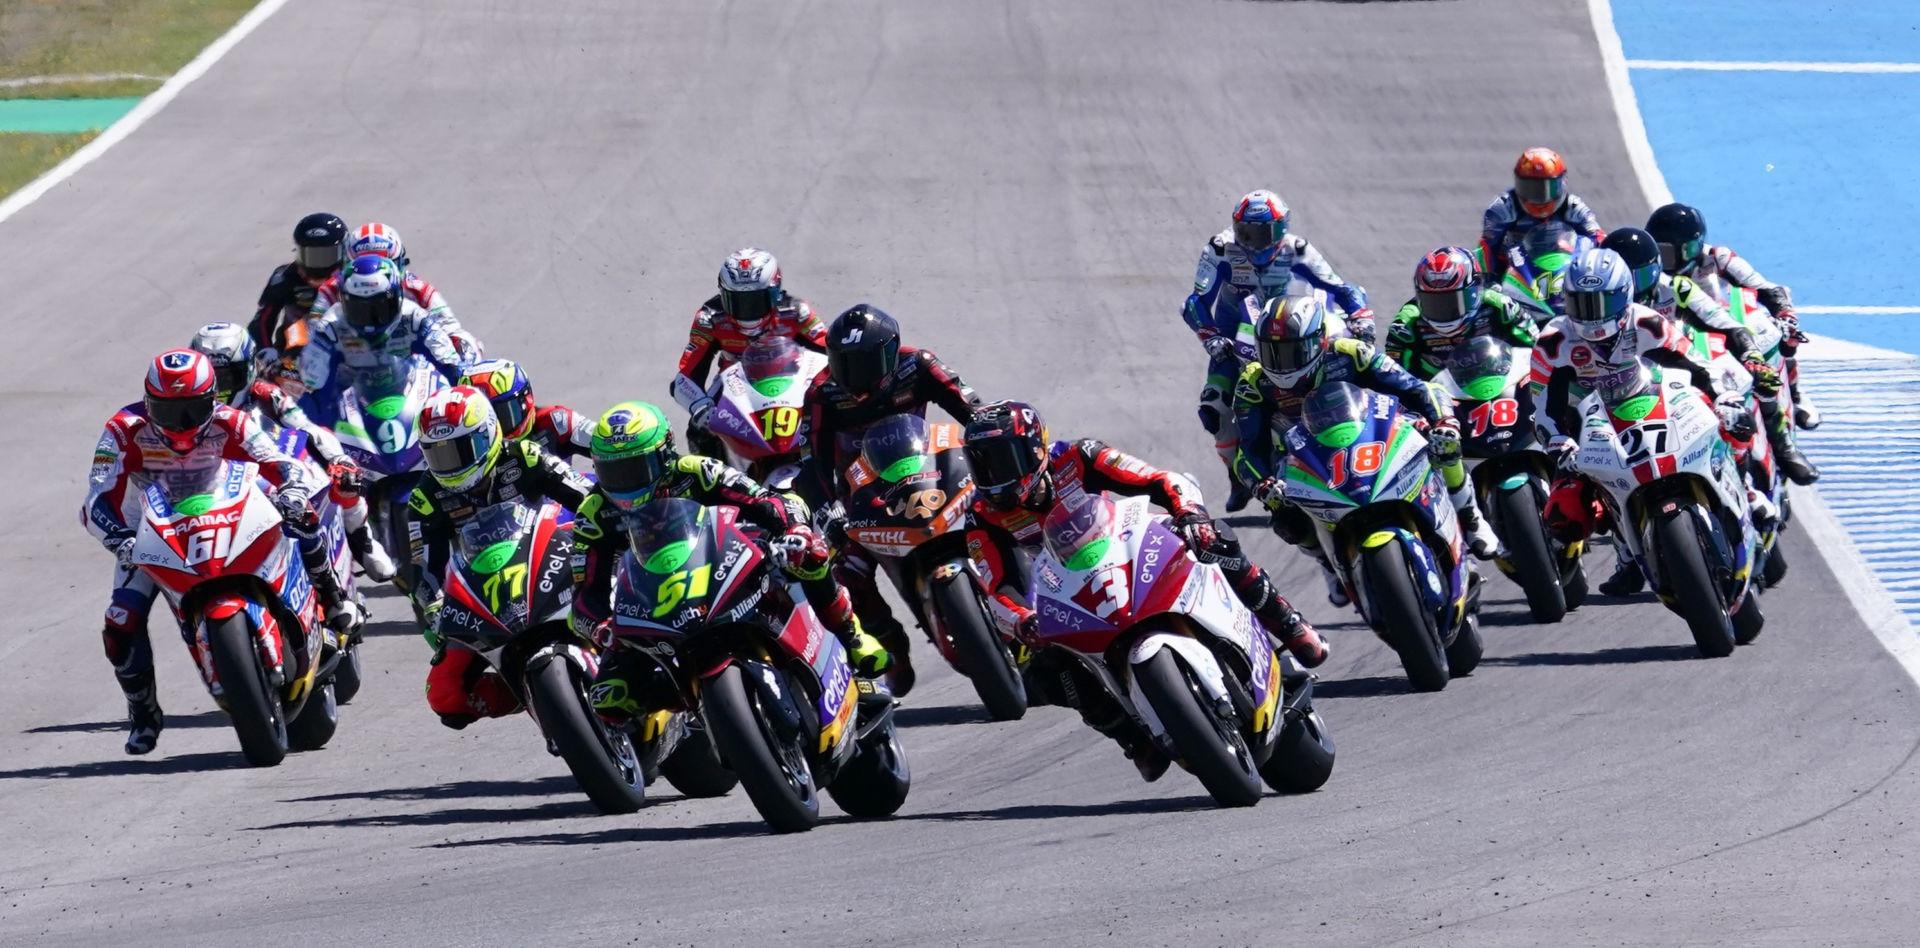 The start of the MotoE race at Jerez. Photo courtesy Dorna.